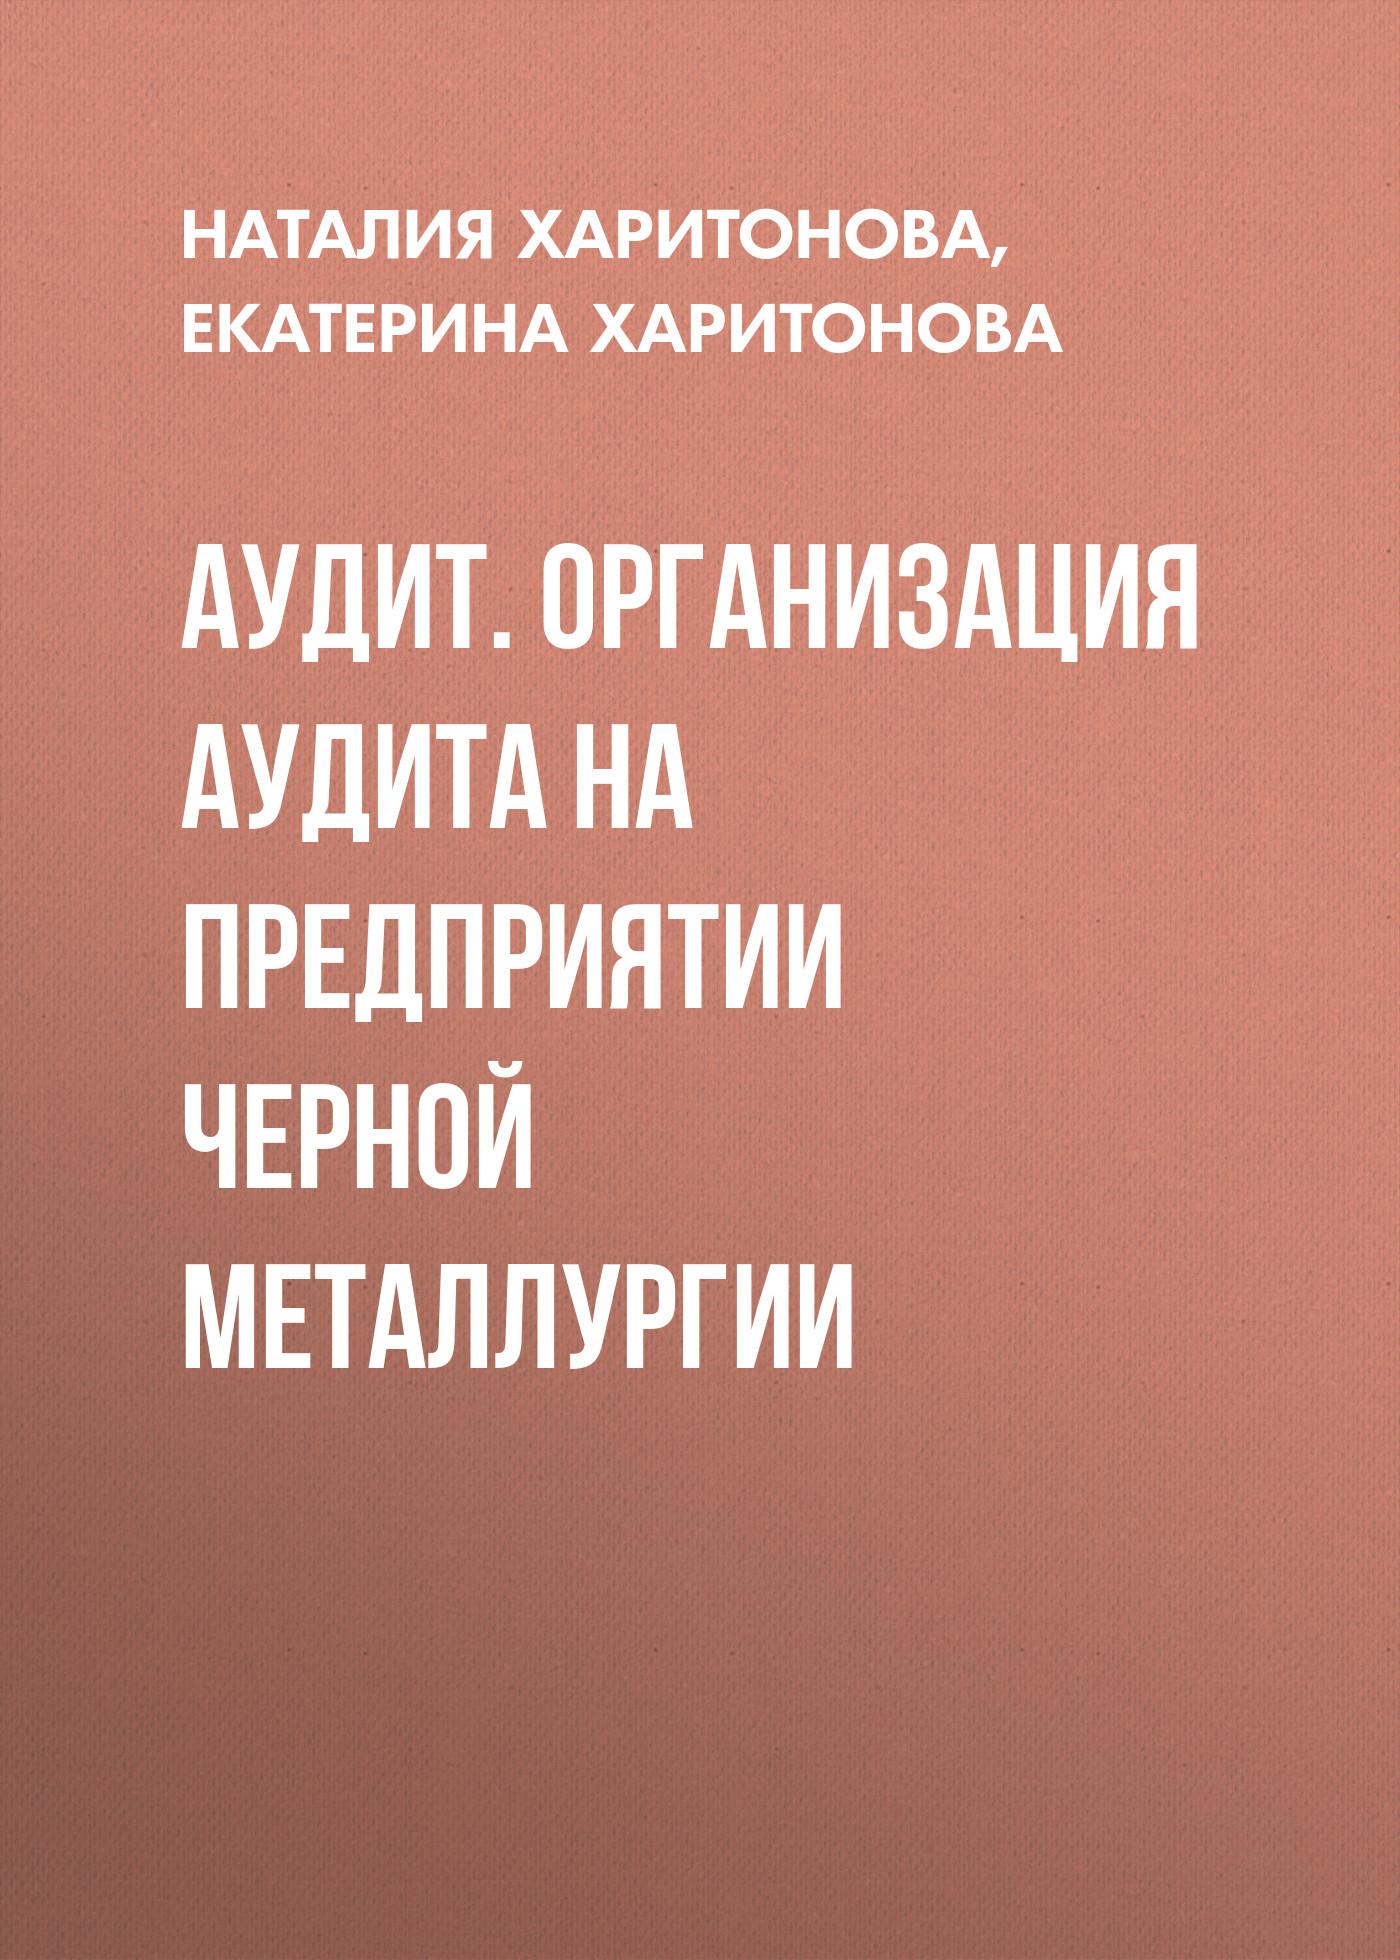 Наталия Харитонова бесплатно